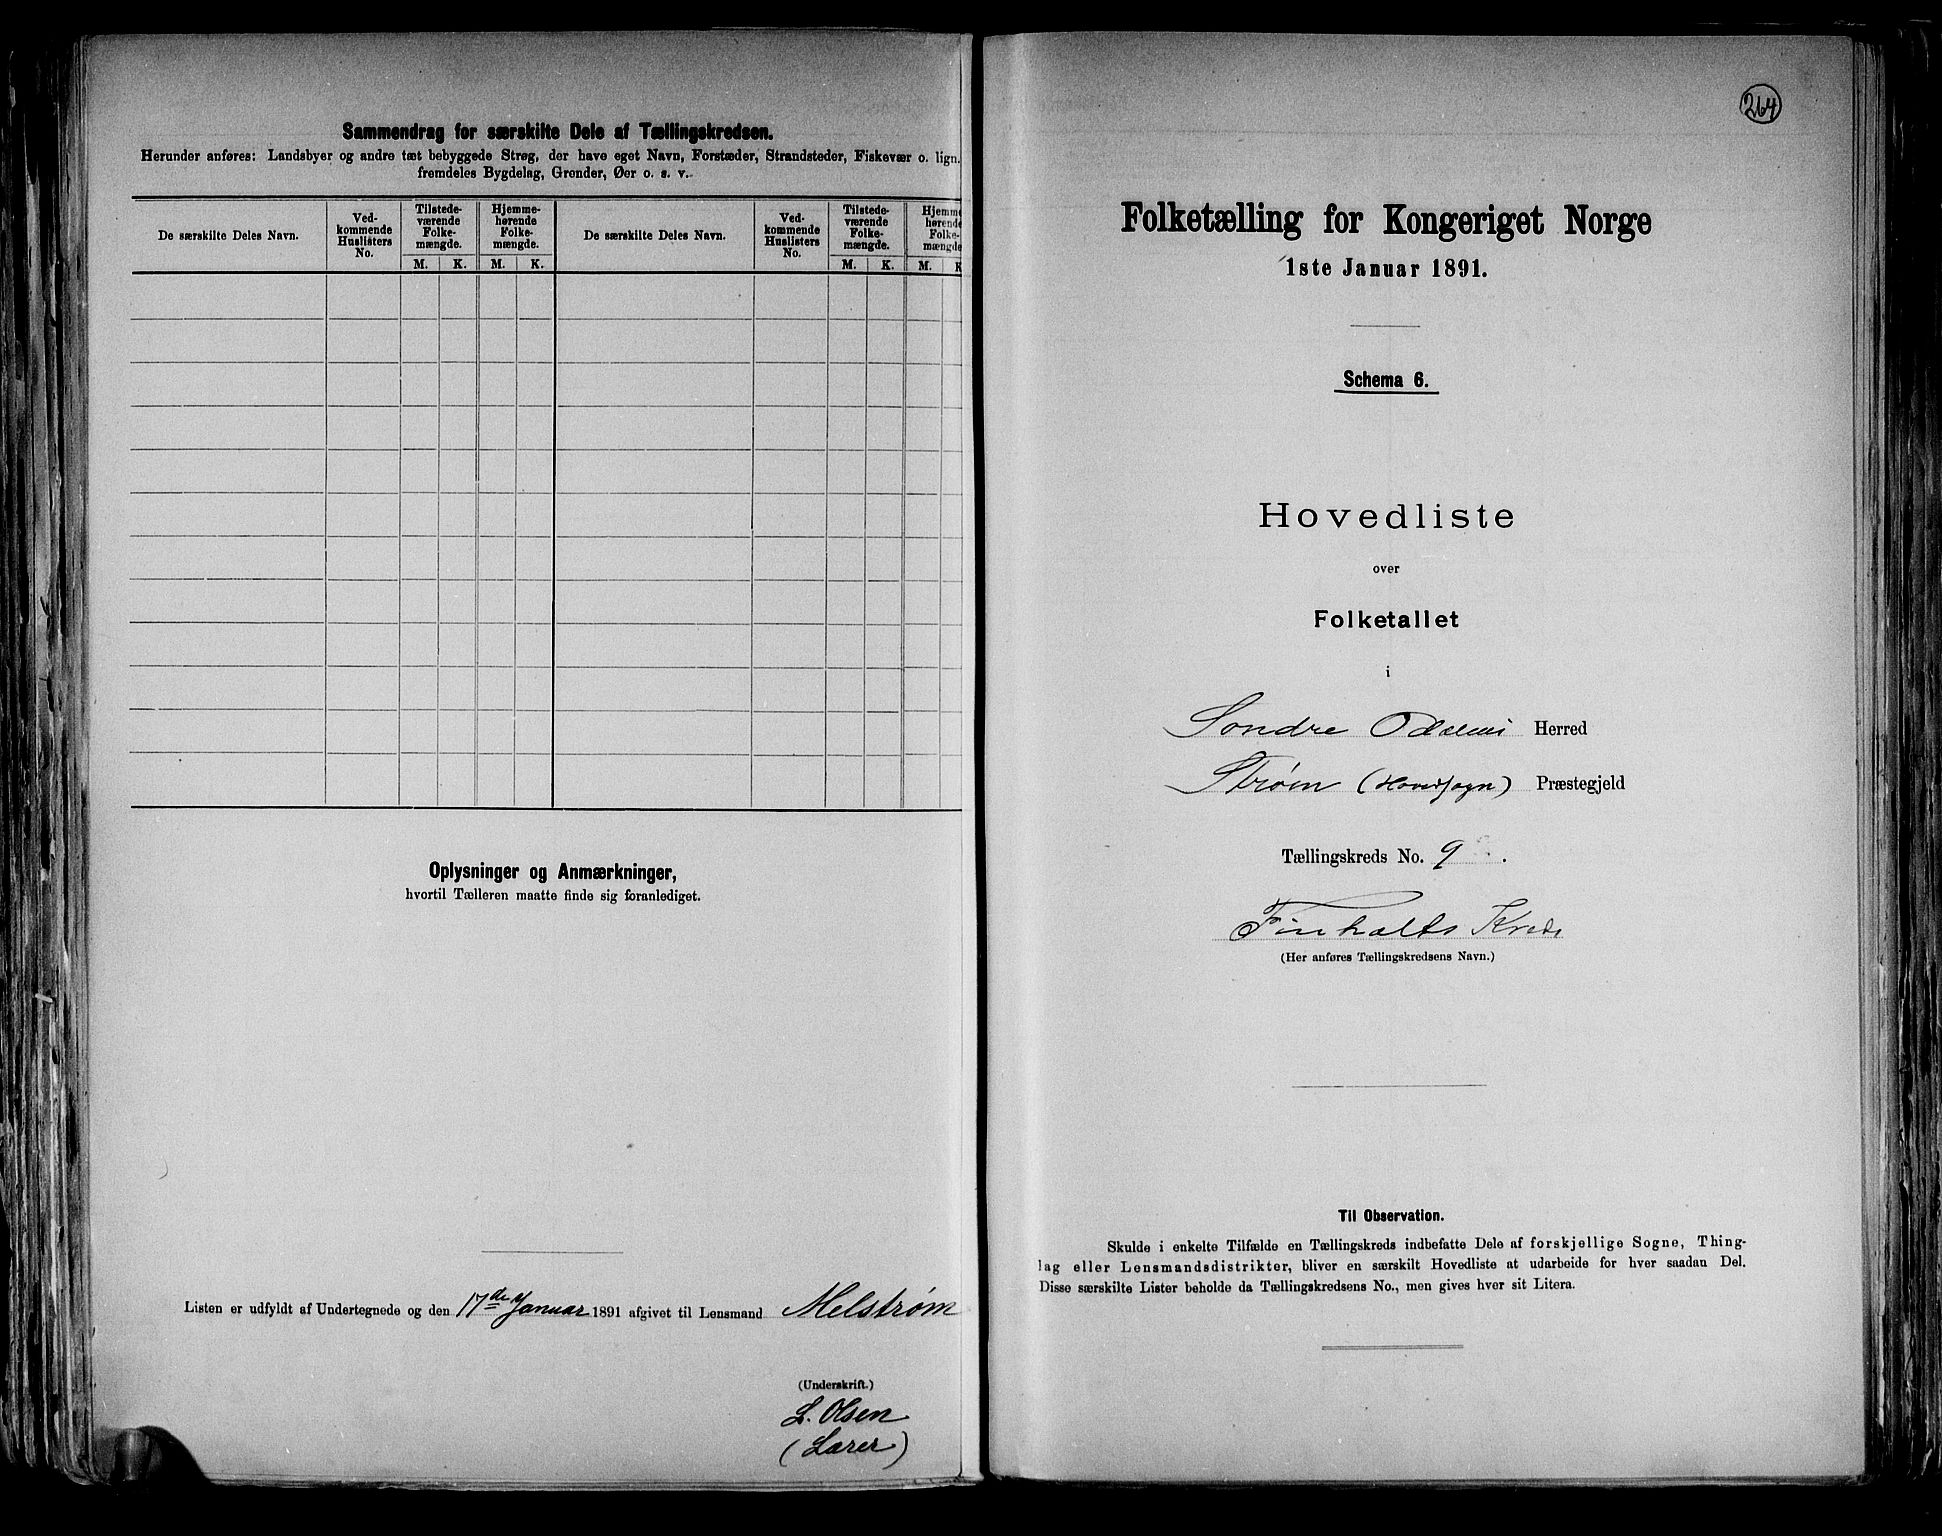 RA, Folketelling 1891 for 0419 Sør-Odal herred, 1891, s. 26